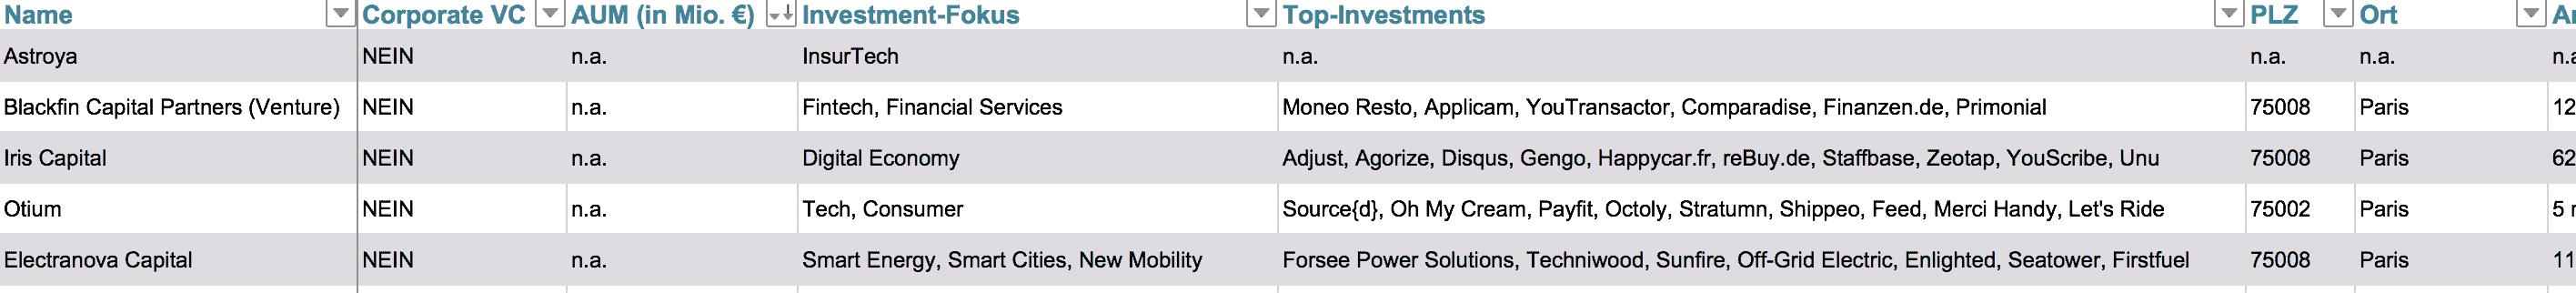 liste venture capital frankreich